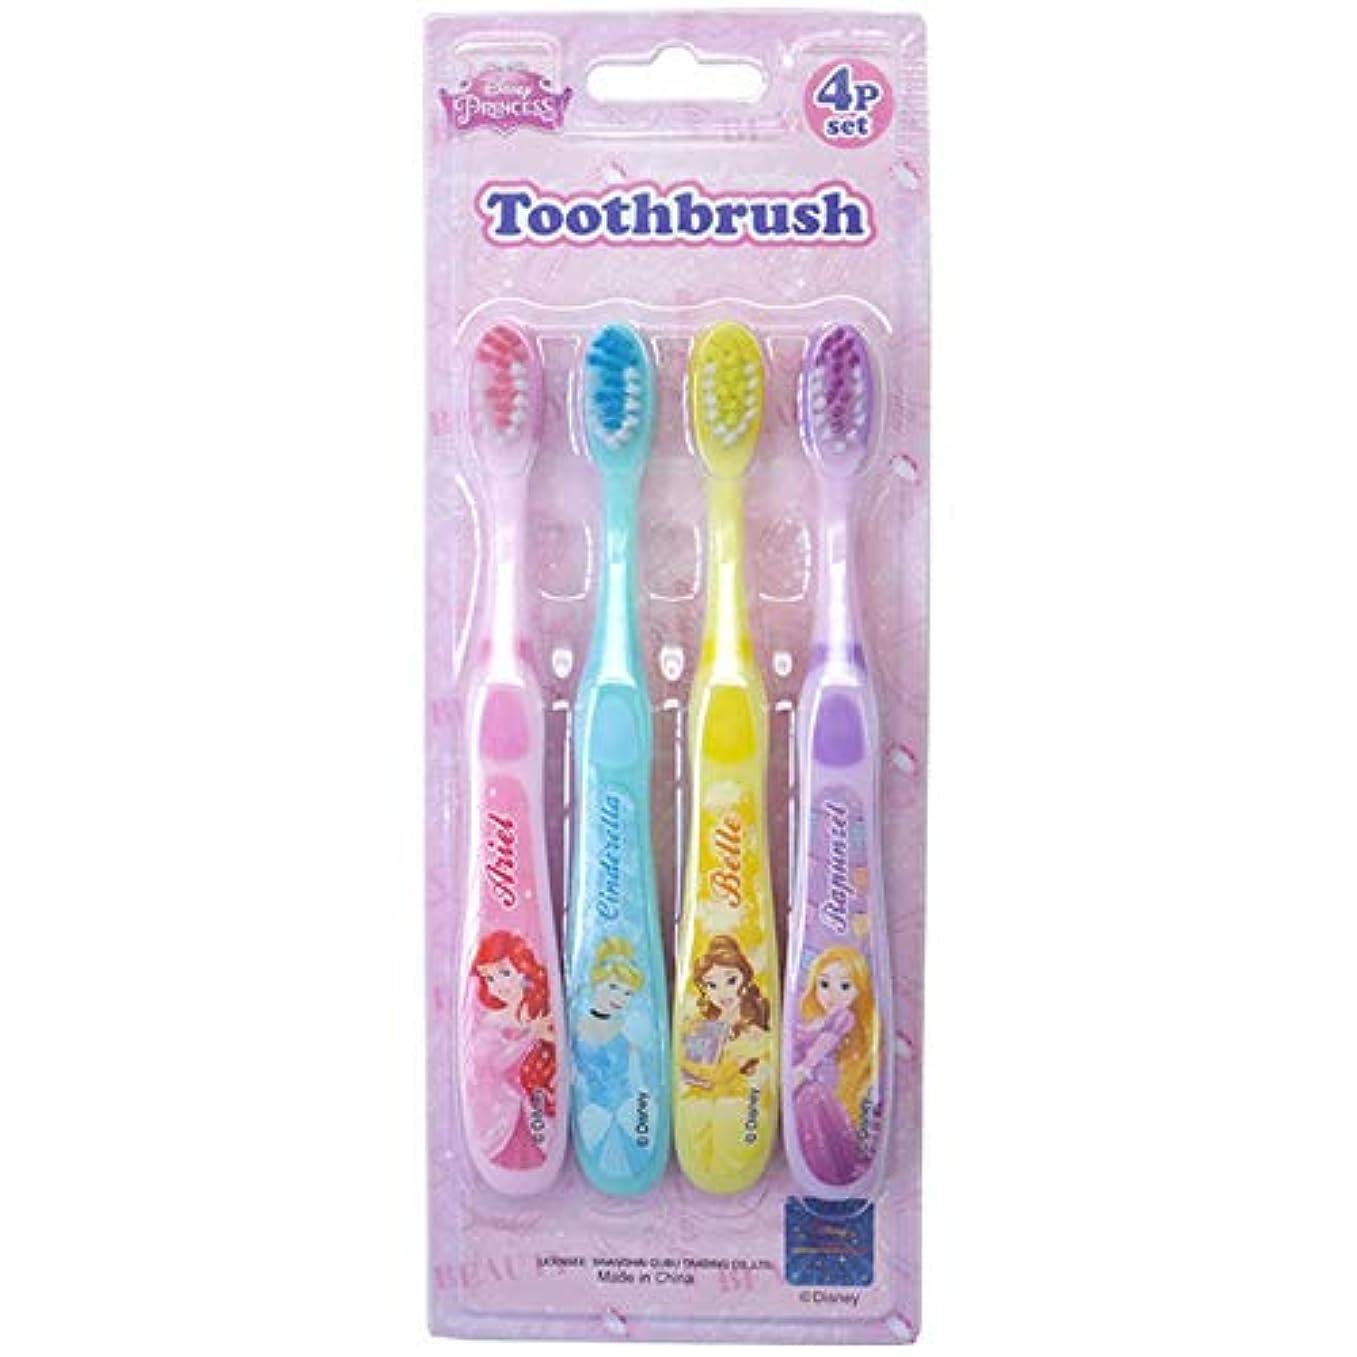 むき出し前文移住する歯ブラシ4Pセット 26911-12(11/プリンセス) キャラクター Disney ディズニー オーラルケア 歯磨き 洗面所 子供 キッズ